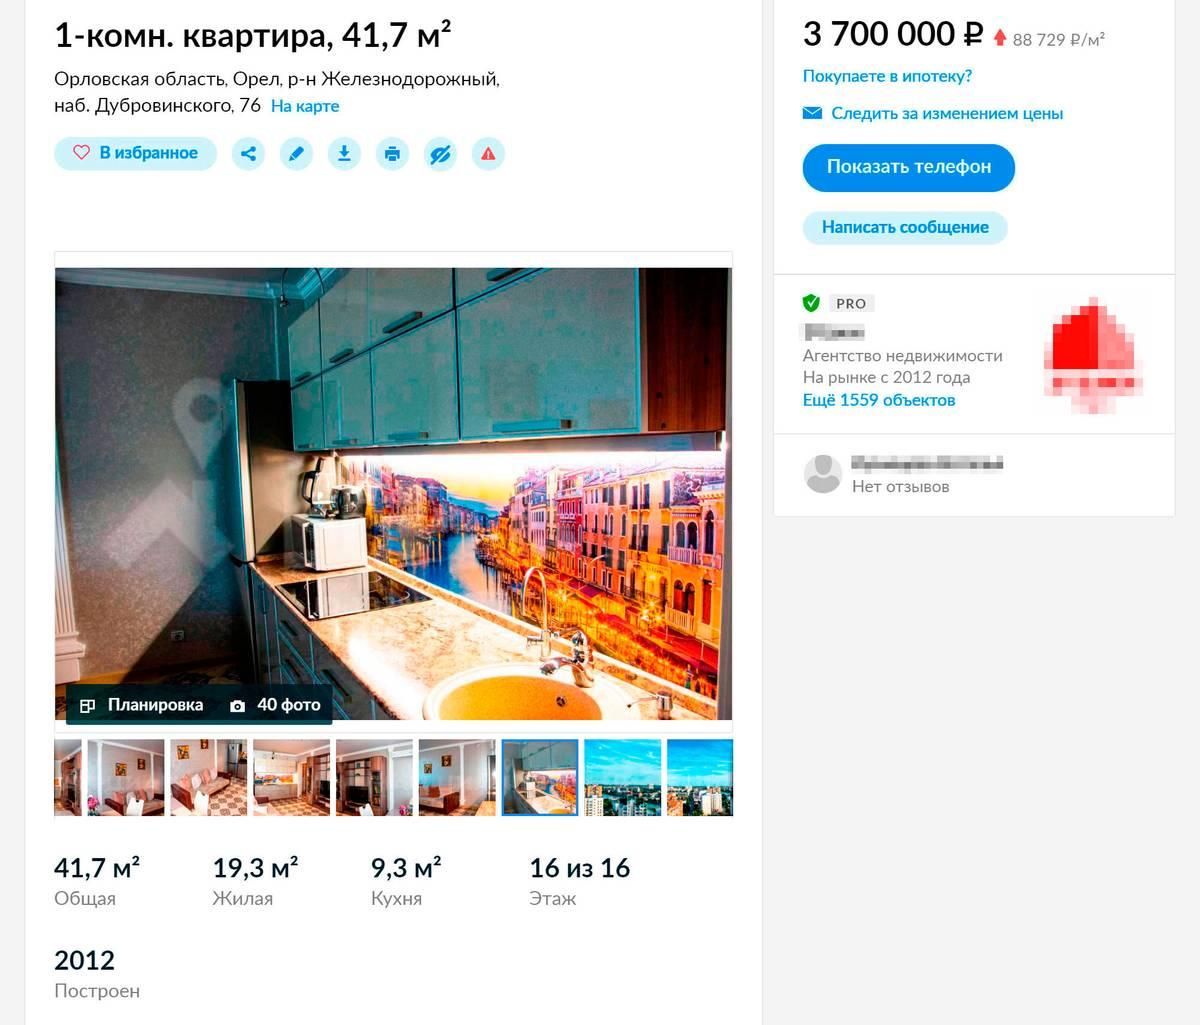 Однокомнатная квартира в новом доме на набережной с современным ремонтом стоит 3,7млн рублей